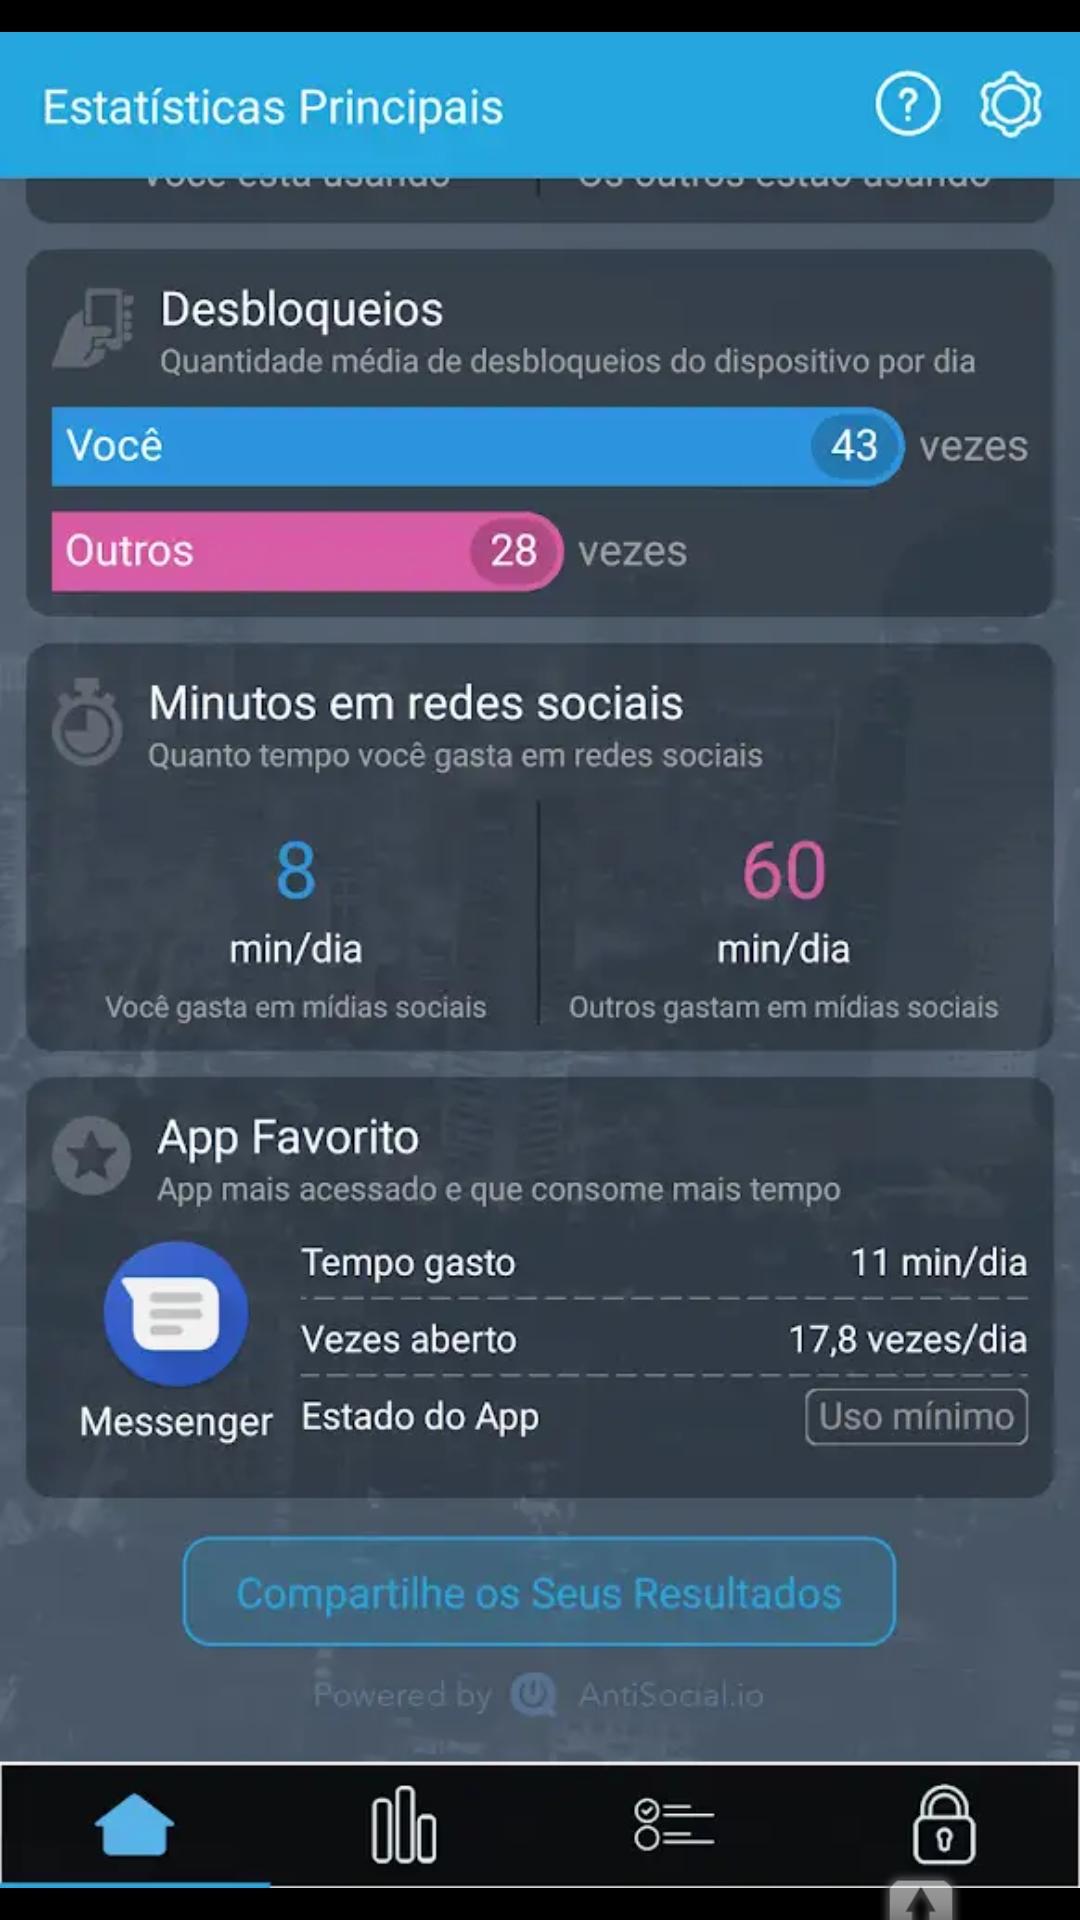 Screenshot 20190205 162328 Google Play Store - 7 maneiras de ficar menos tempo celular